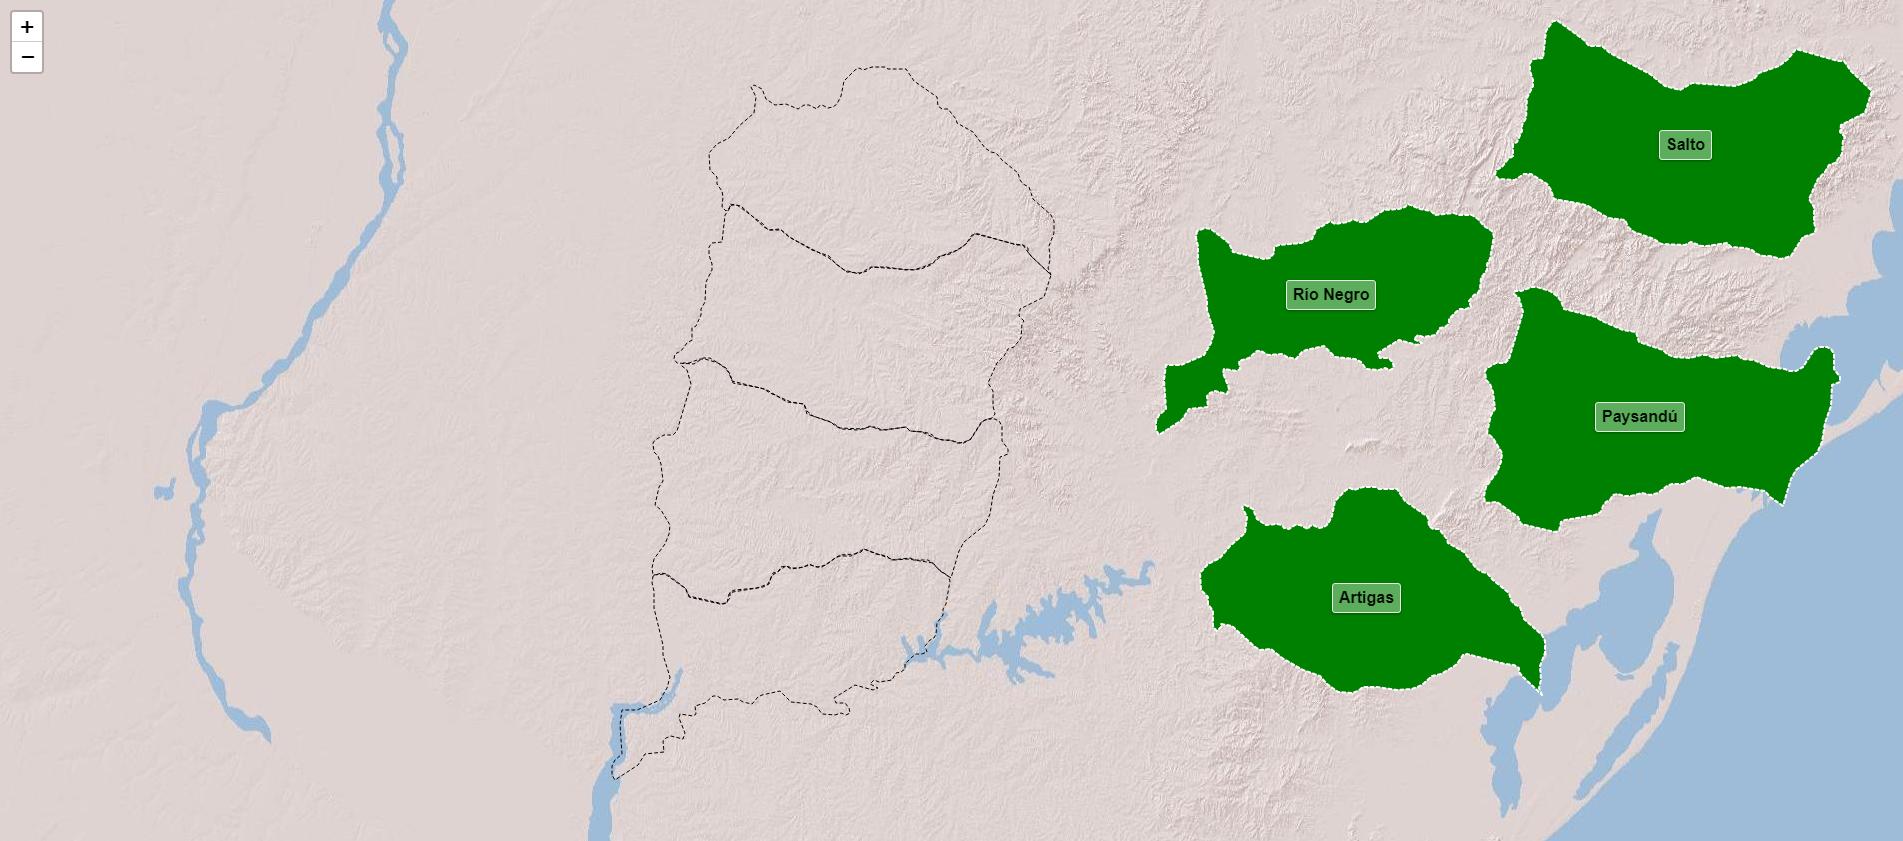 Departaments de la regió nord-oest d'Uruguai